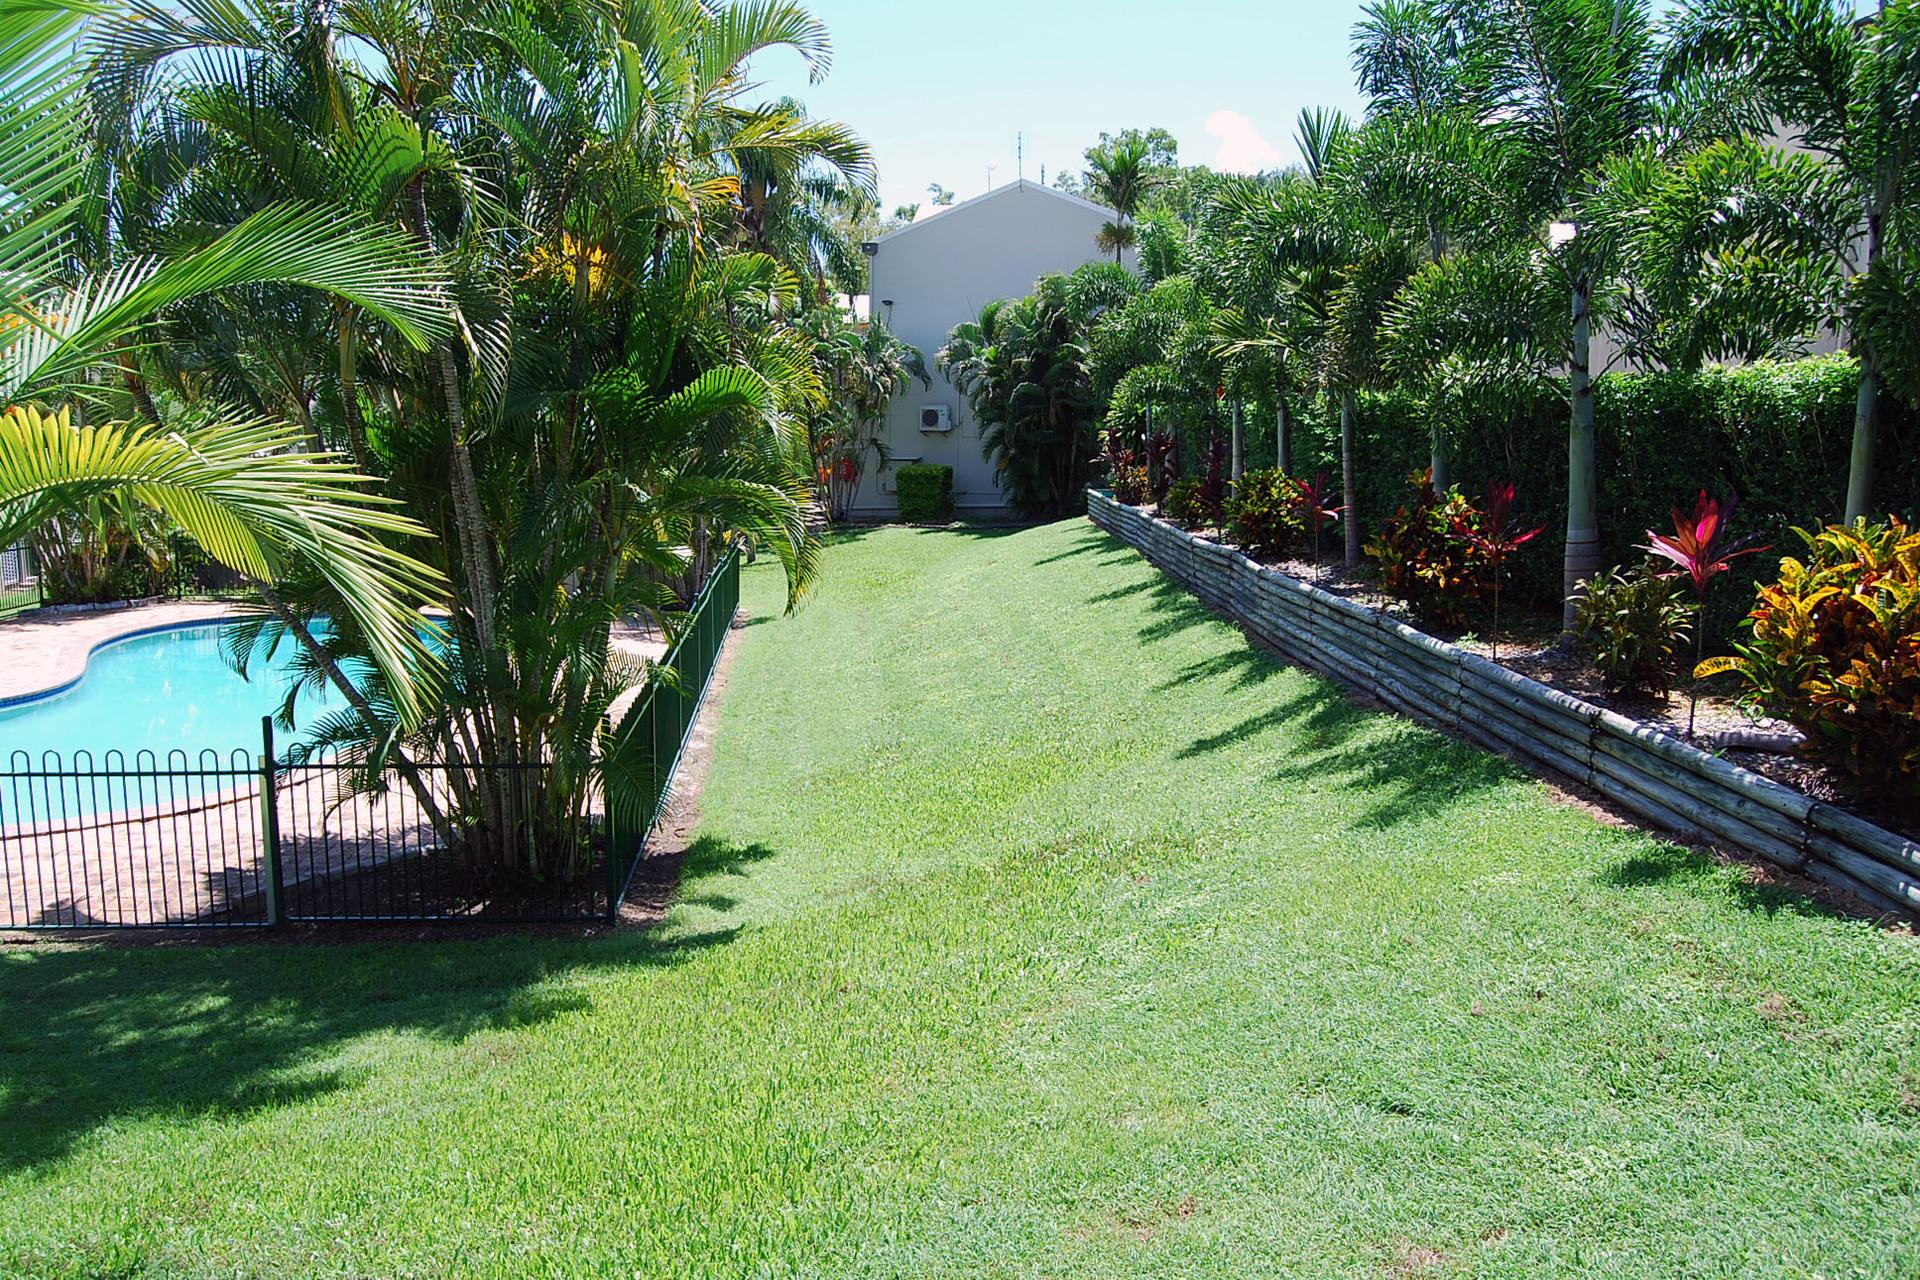 b - Whitsunday Paradise Apartments